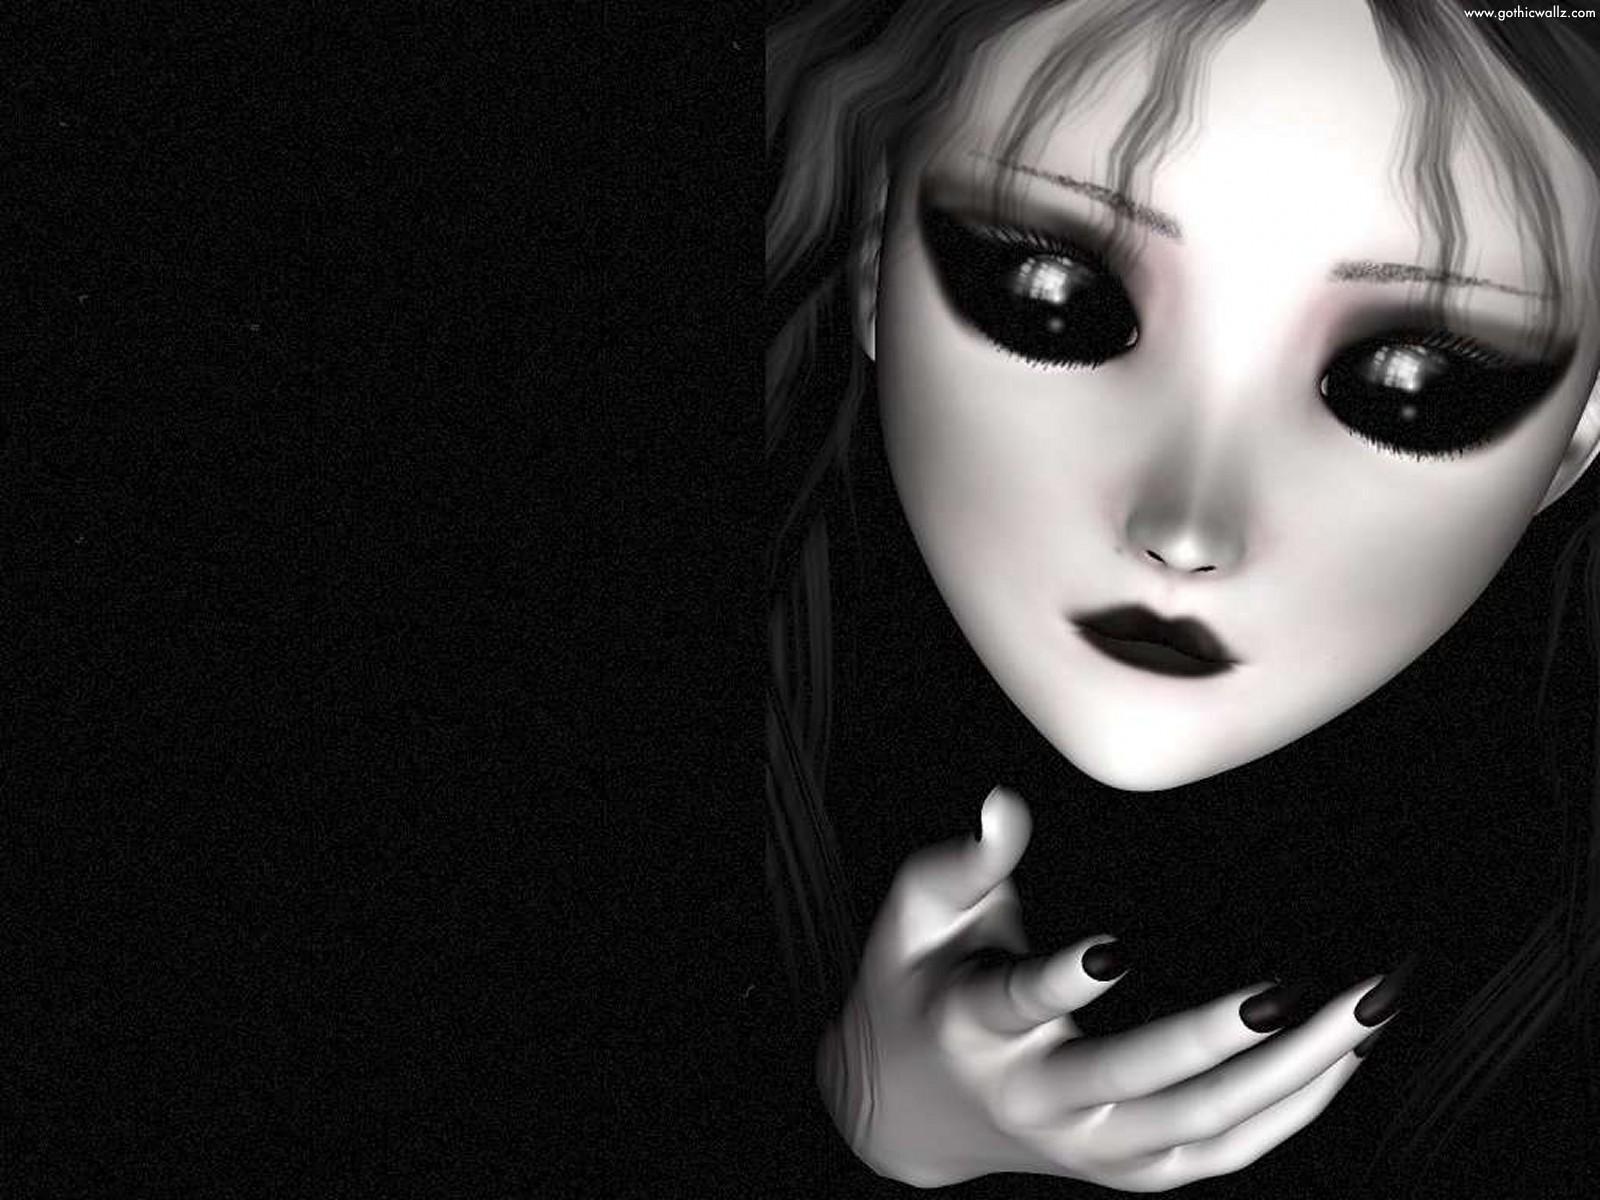 Dark Doll Girl | Dark Gothic Wallpaper Download